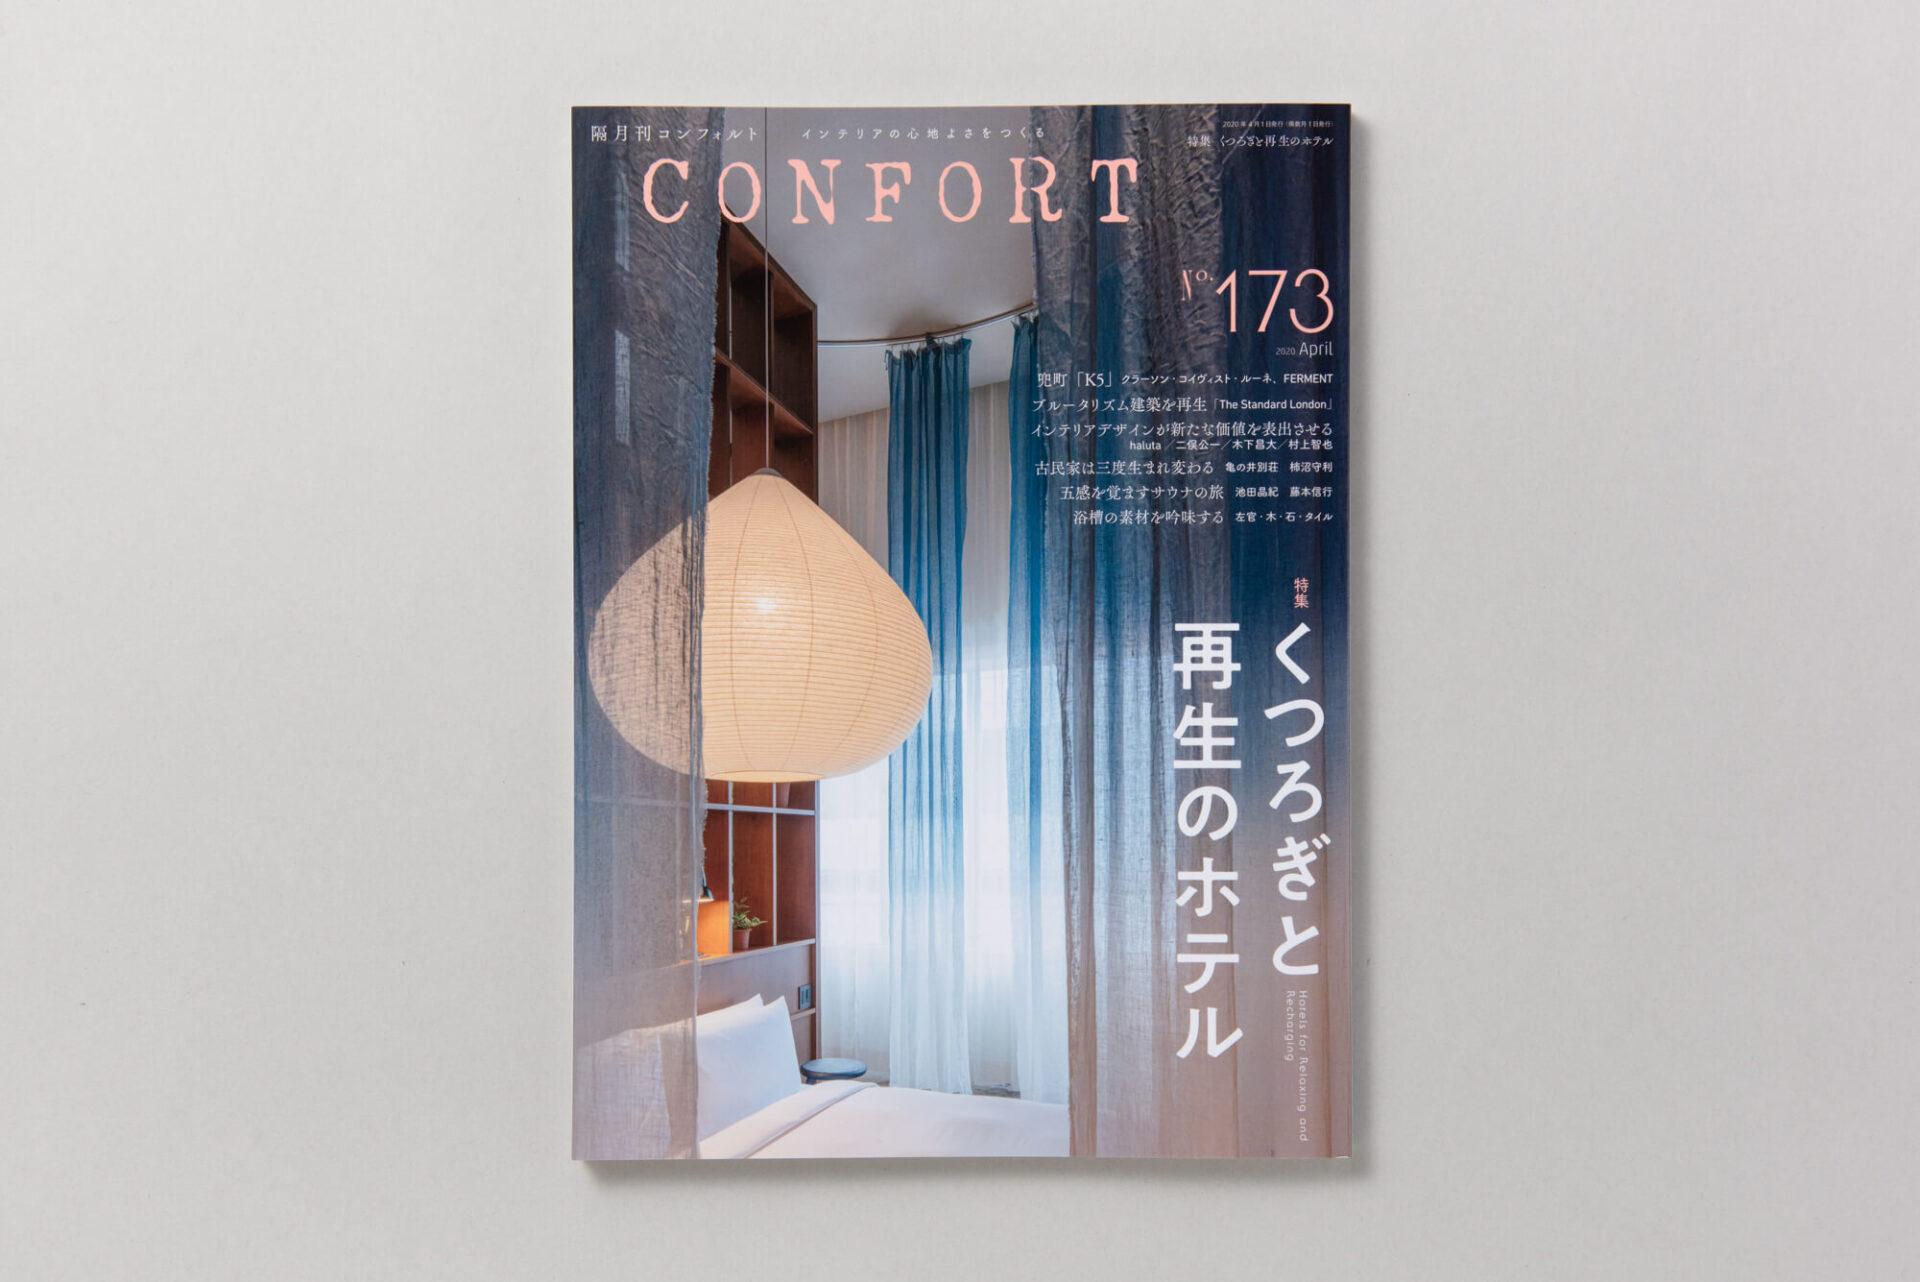 CONFORT No.173